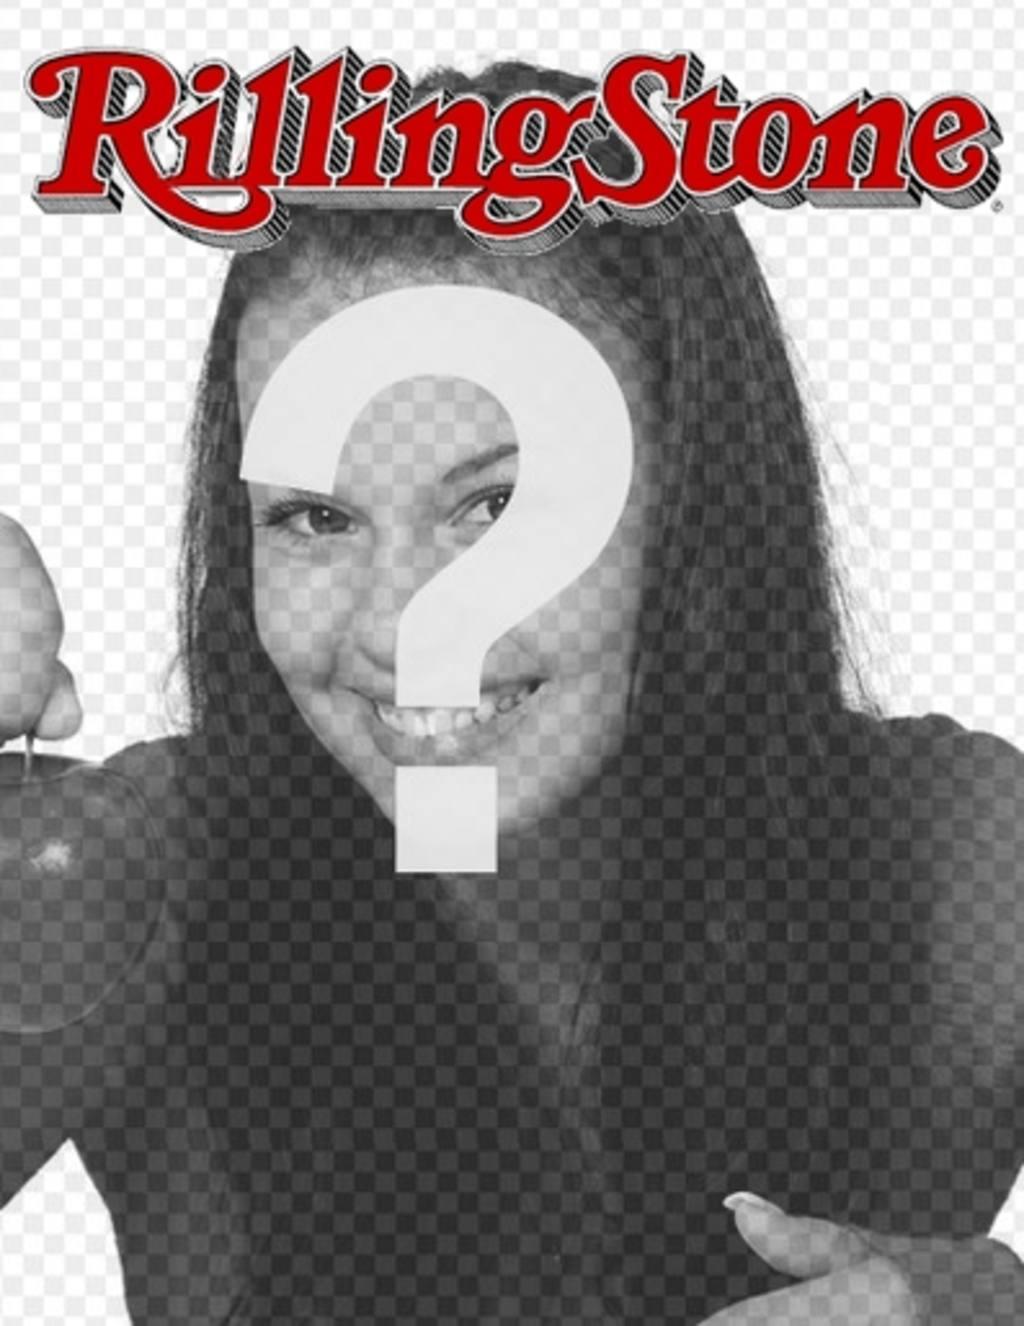 Rolling Stone portada personalizable con tu foto. Edita la plantilla ...